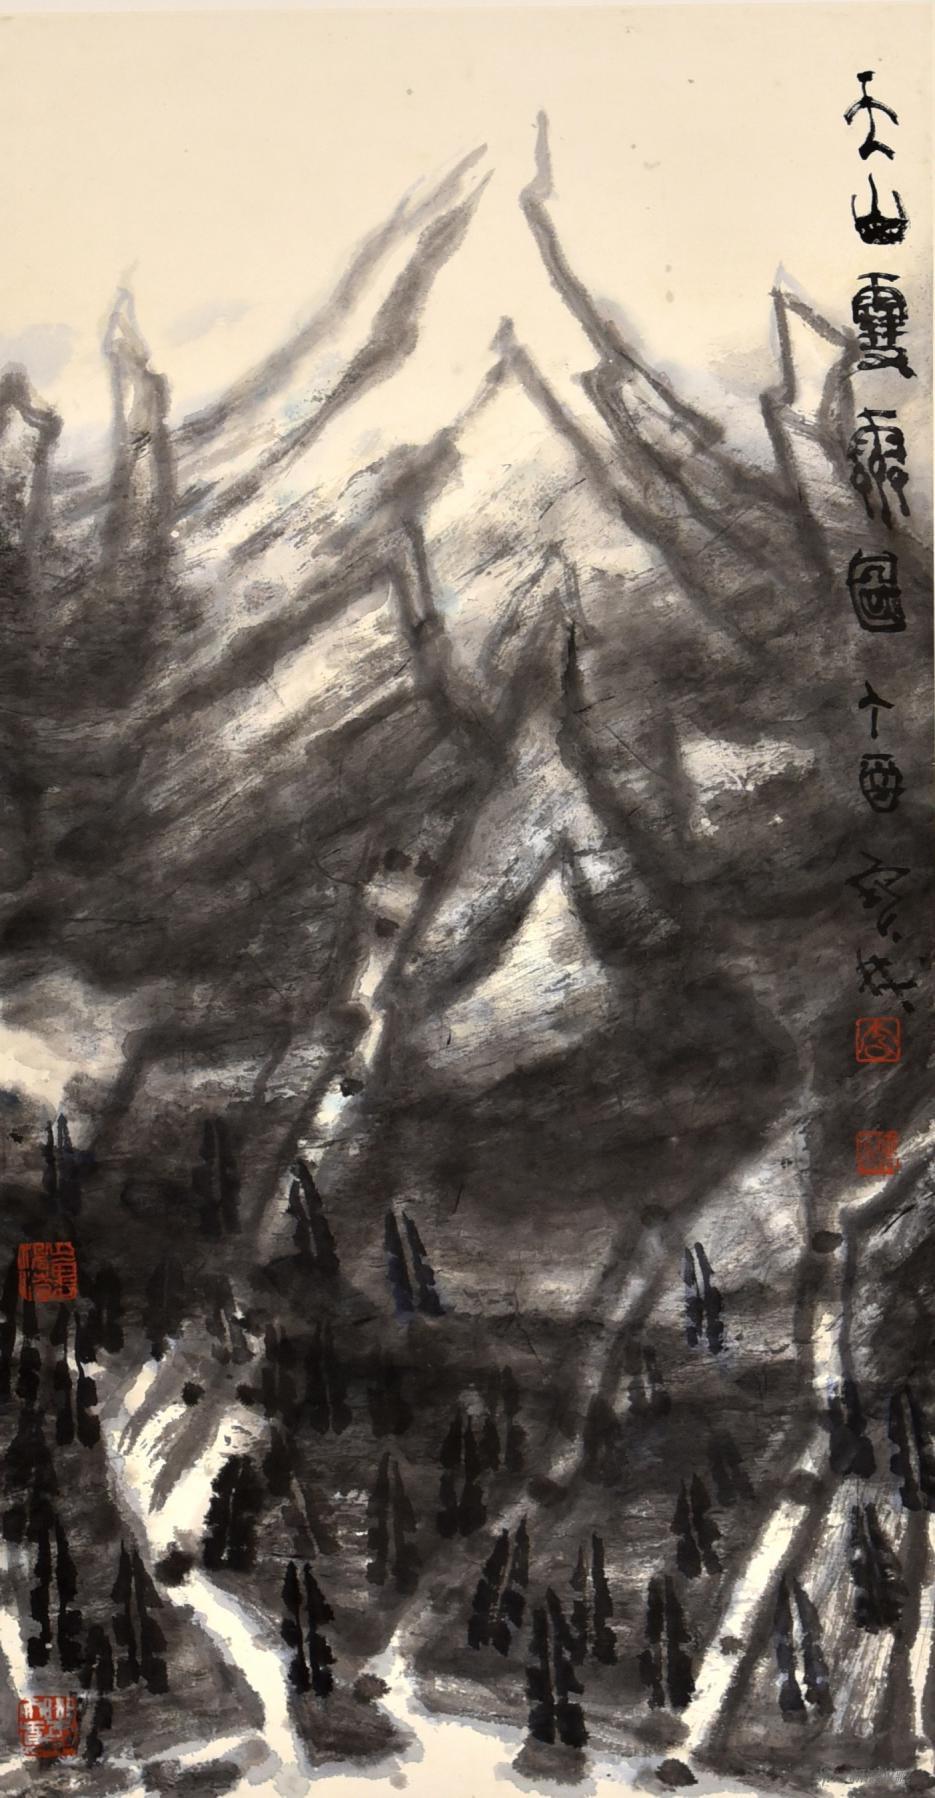 作品名称:《天山雪雯图》 作者:李宝林 尺寸:89cm×47cm